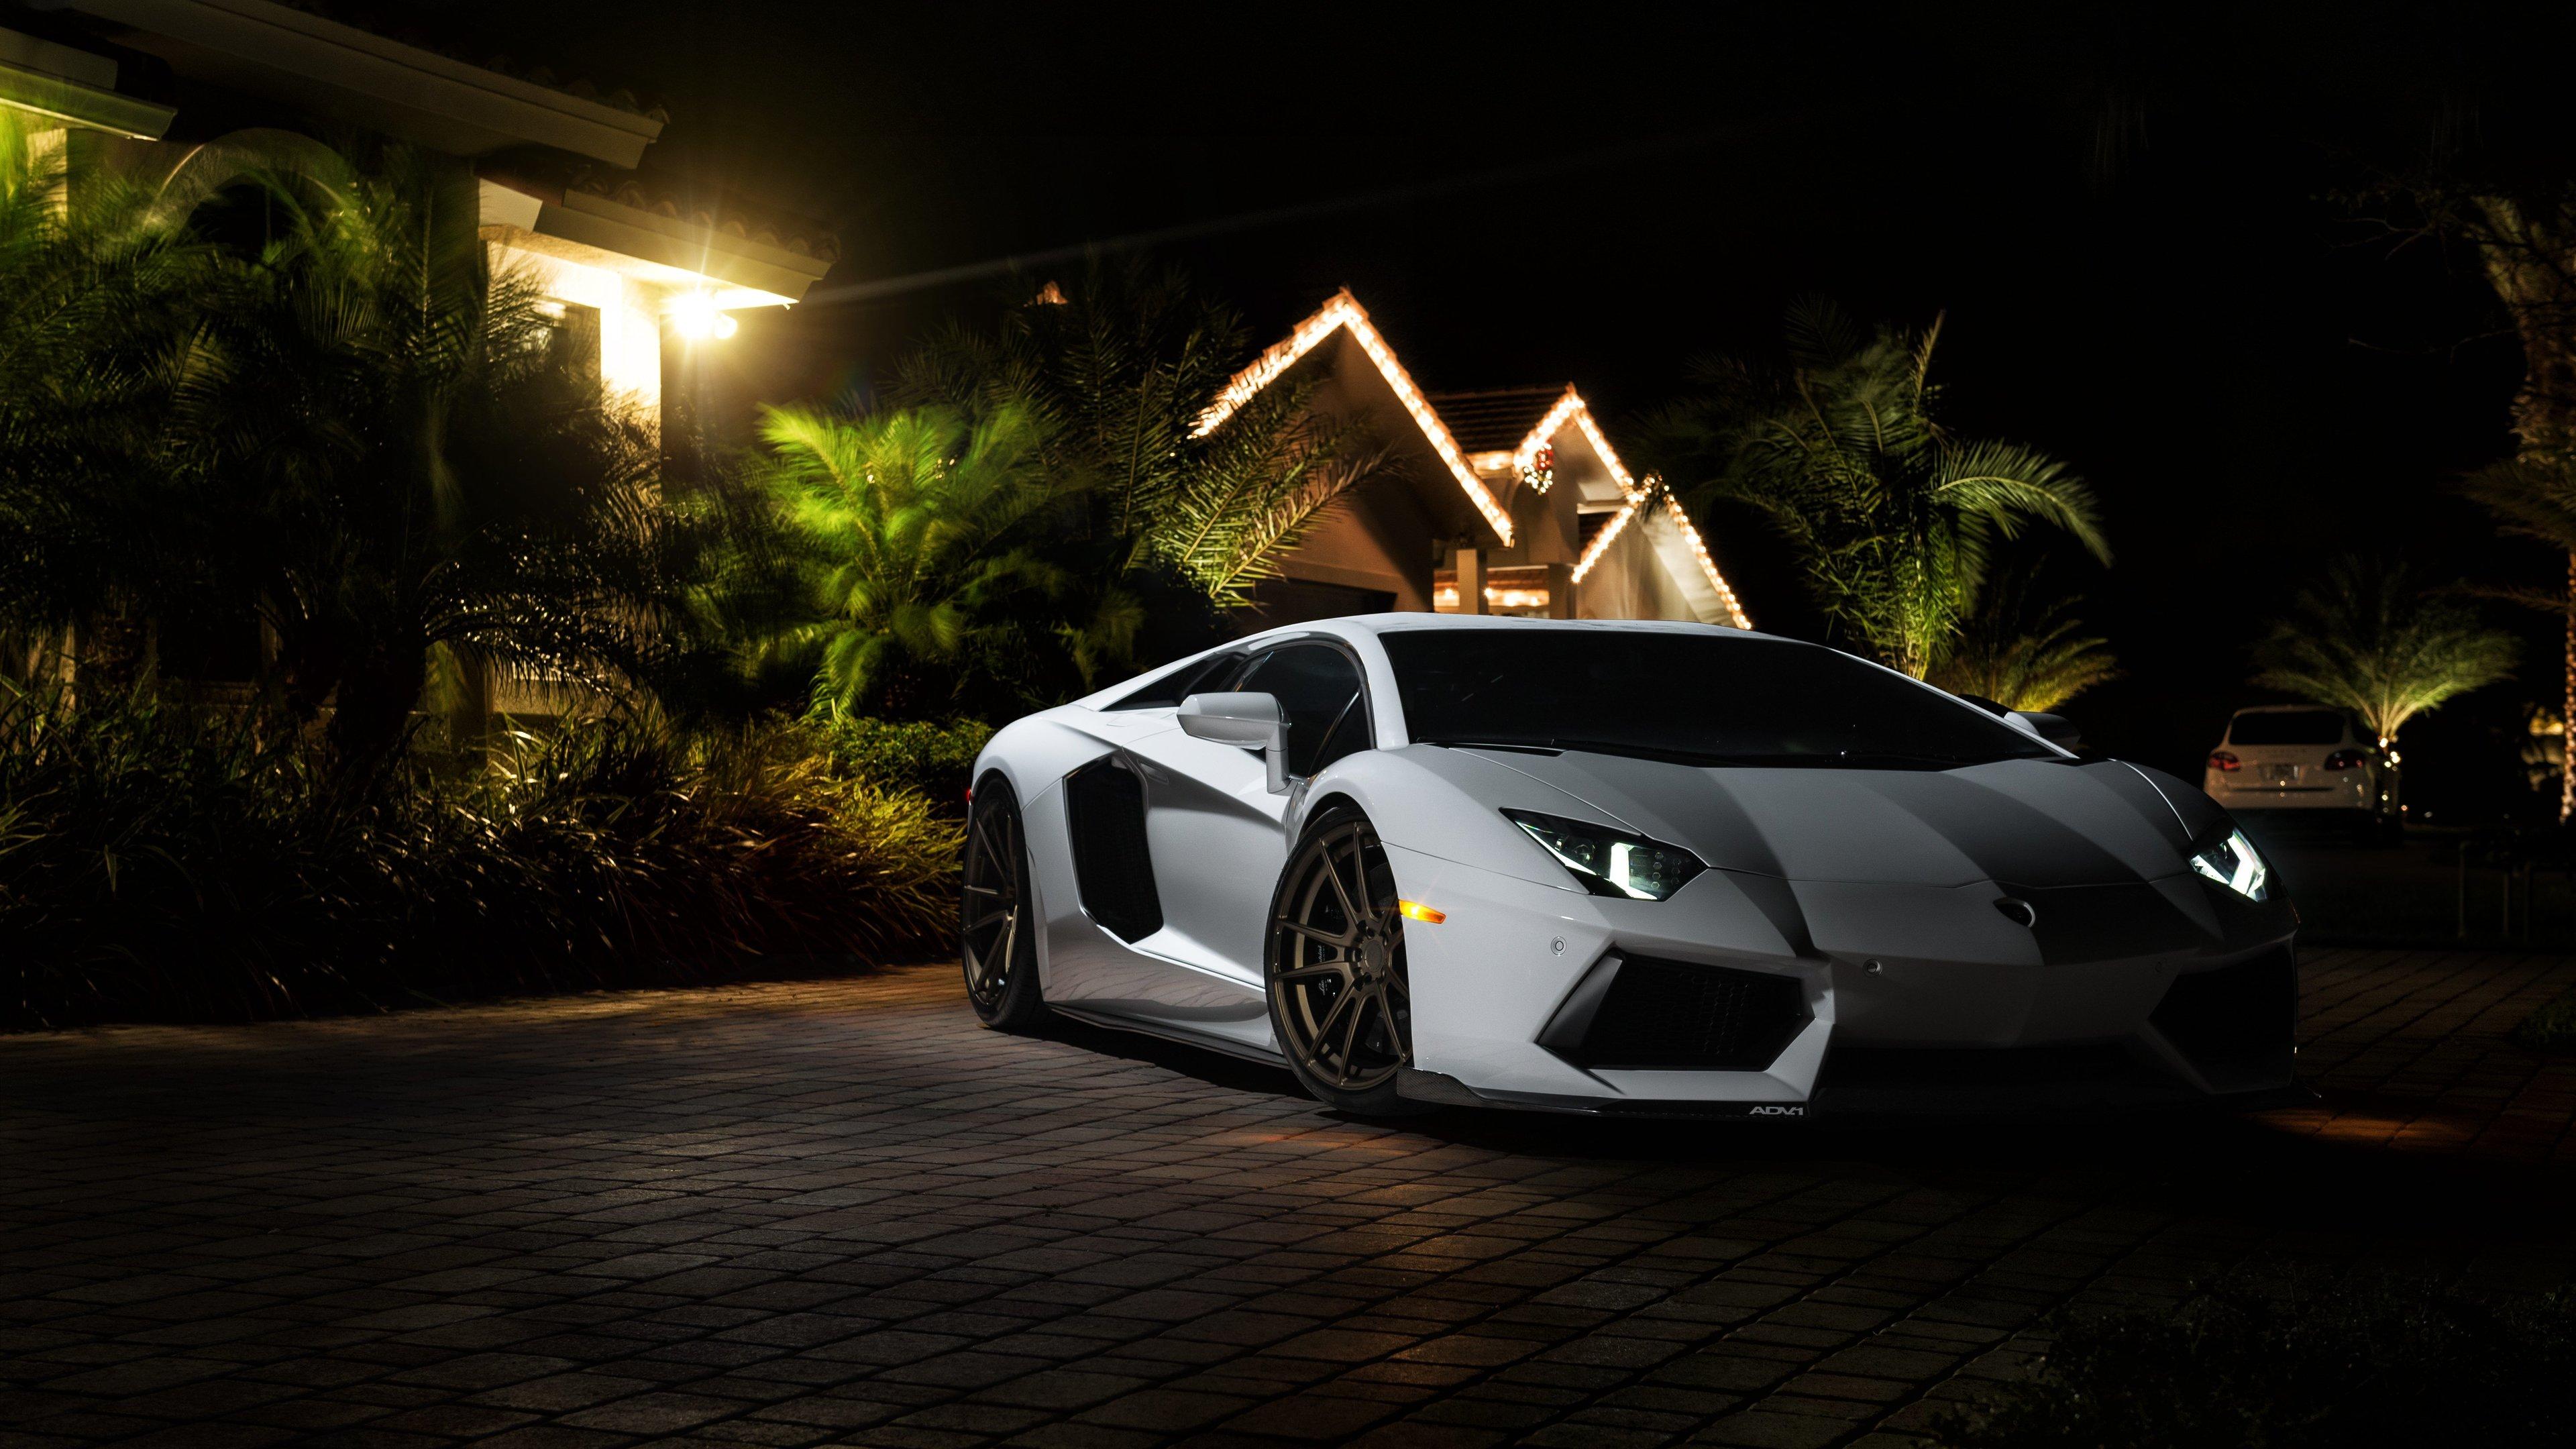 lamborghini aventador 5k 2018 1539111379 - Lamborghini Aventador 5k 2018 - lamborghini wallpapers, lamborghini aventador wallpapers, hd-wallpapers, cars wallpapers, 5k wallpapers, 4k-wallpapers